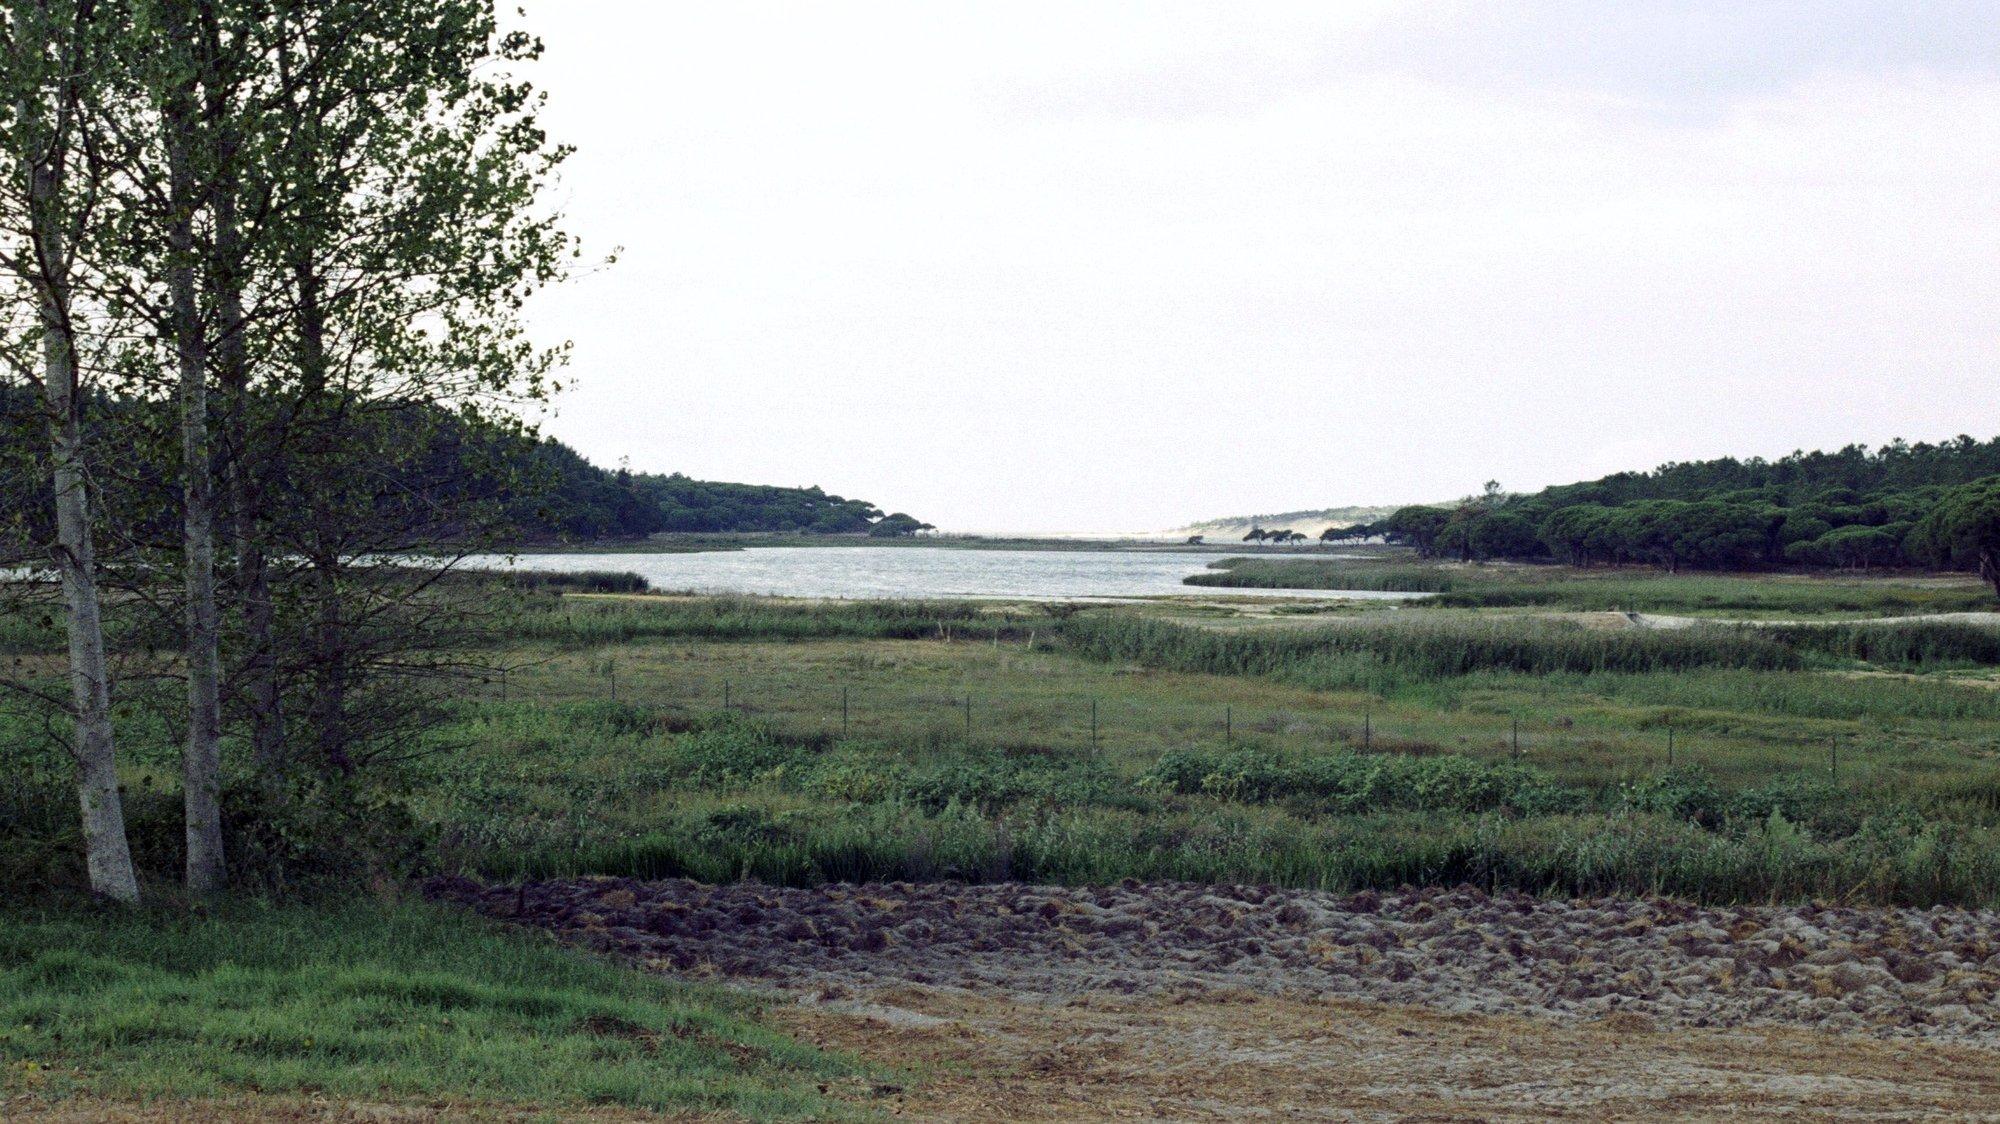 Panorâmica da Lagoa de Albufeira, em Sesimbra a 12 de setembro de 1990.